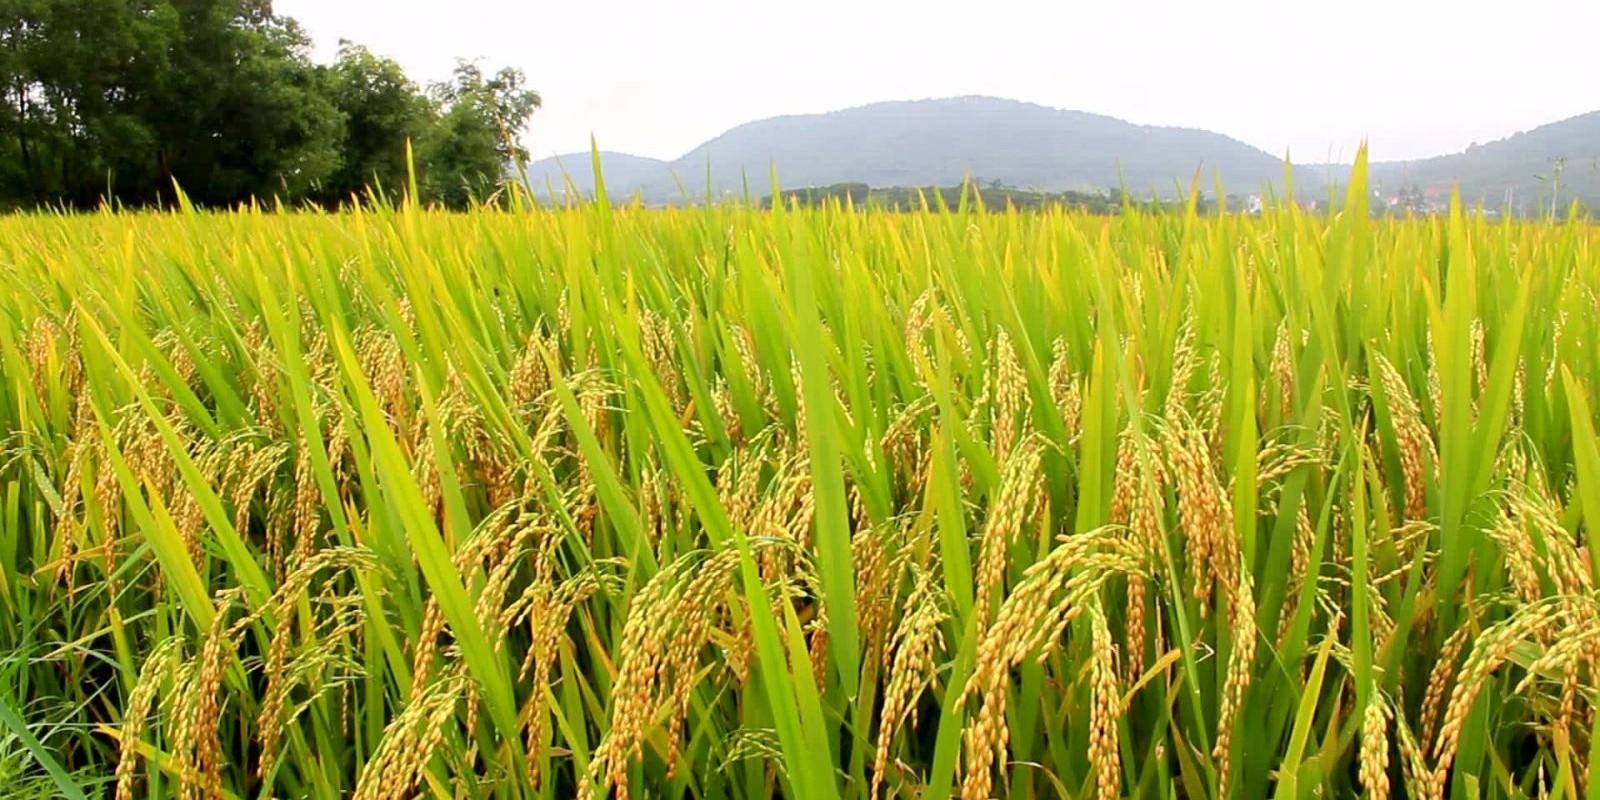 Conab divulga senhas para acesso à pesquisa de estoque privado do arroz